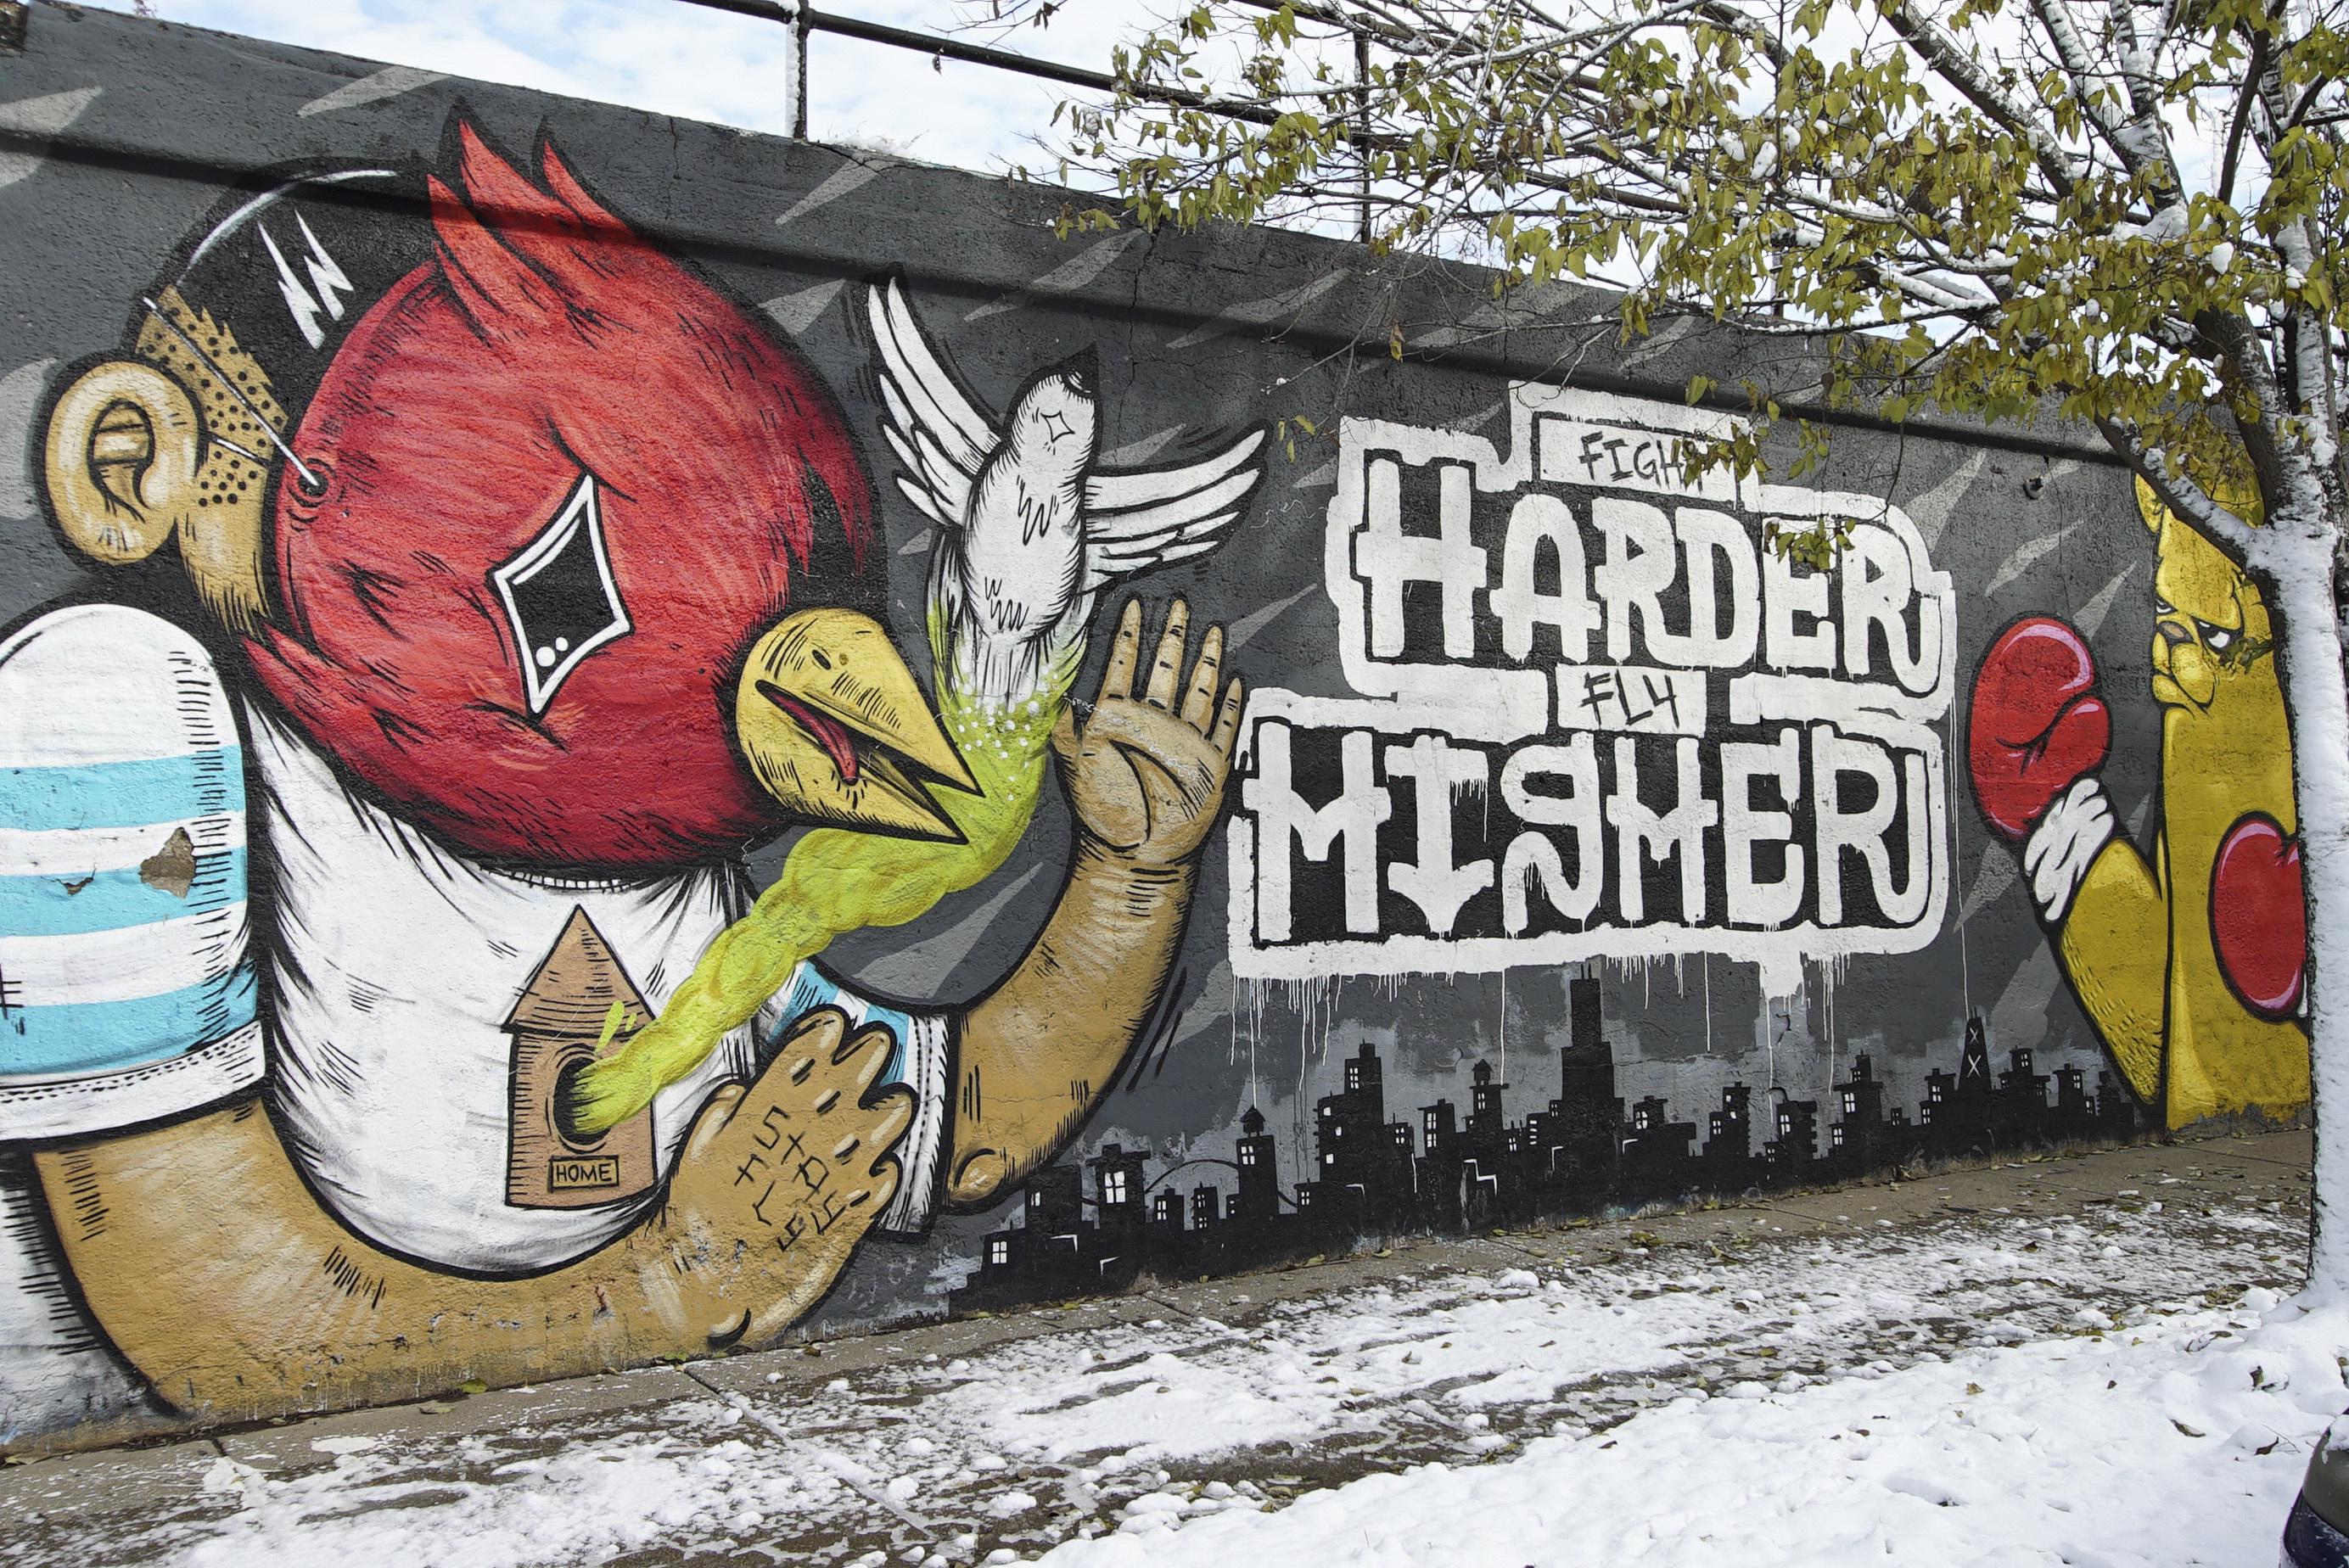 16th Street Murals Pilsen